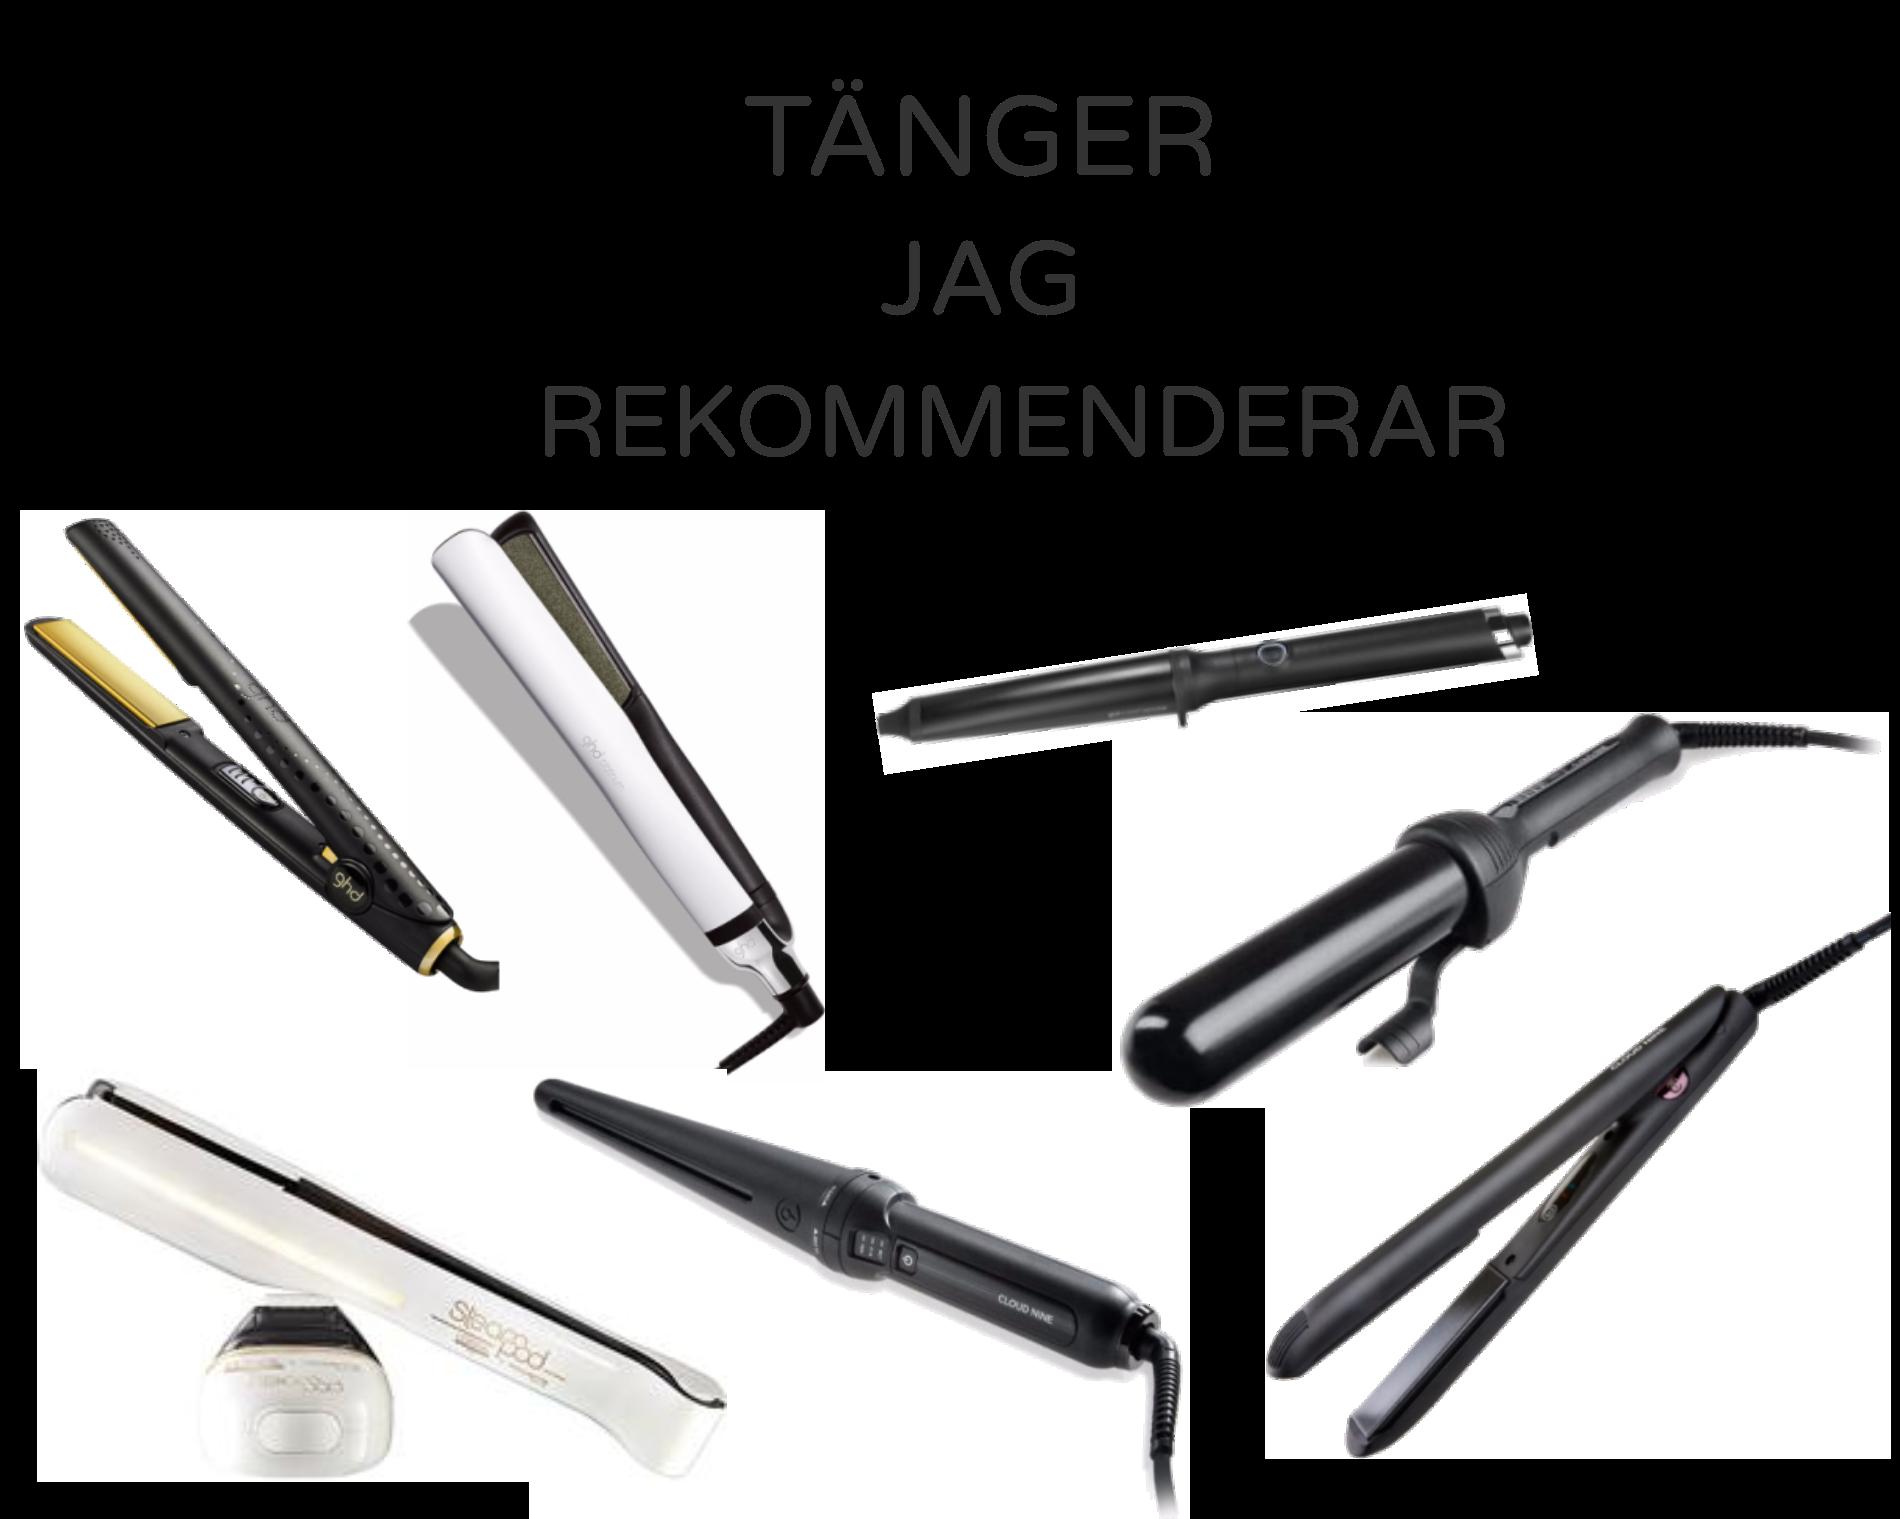 TÄNGER JAG REKOMMENDERAR